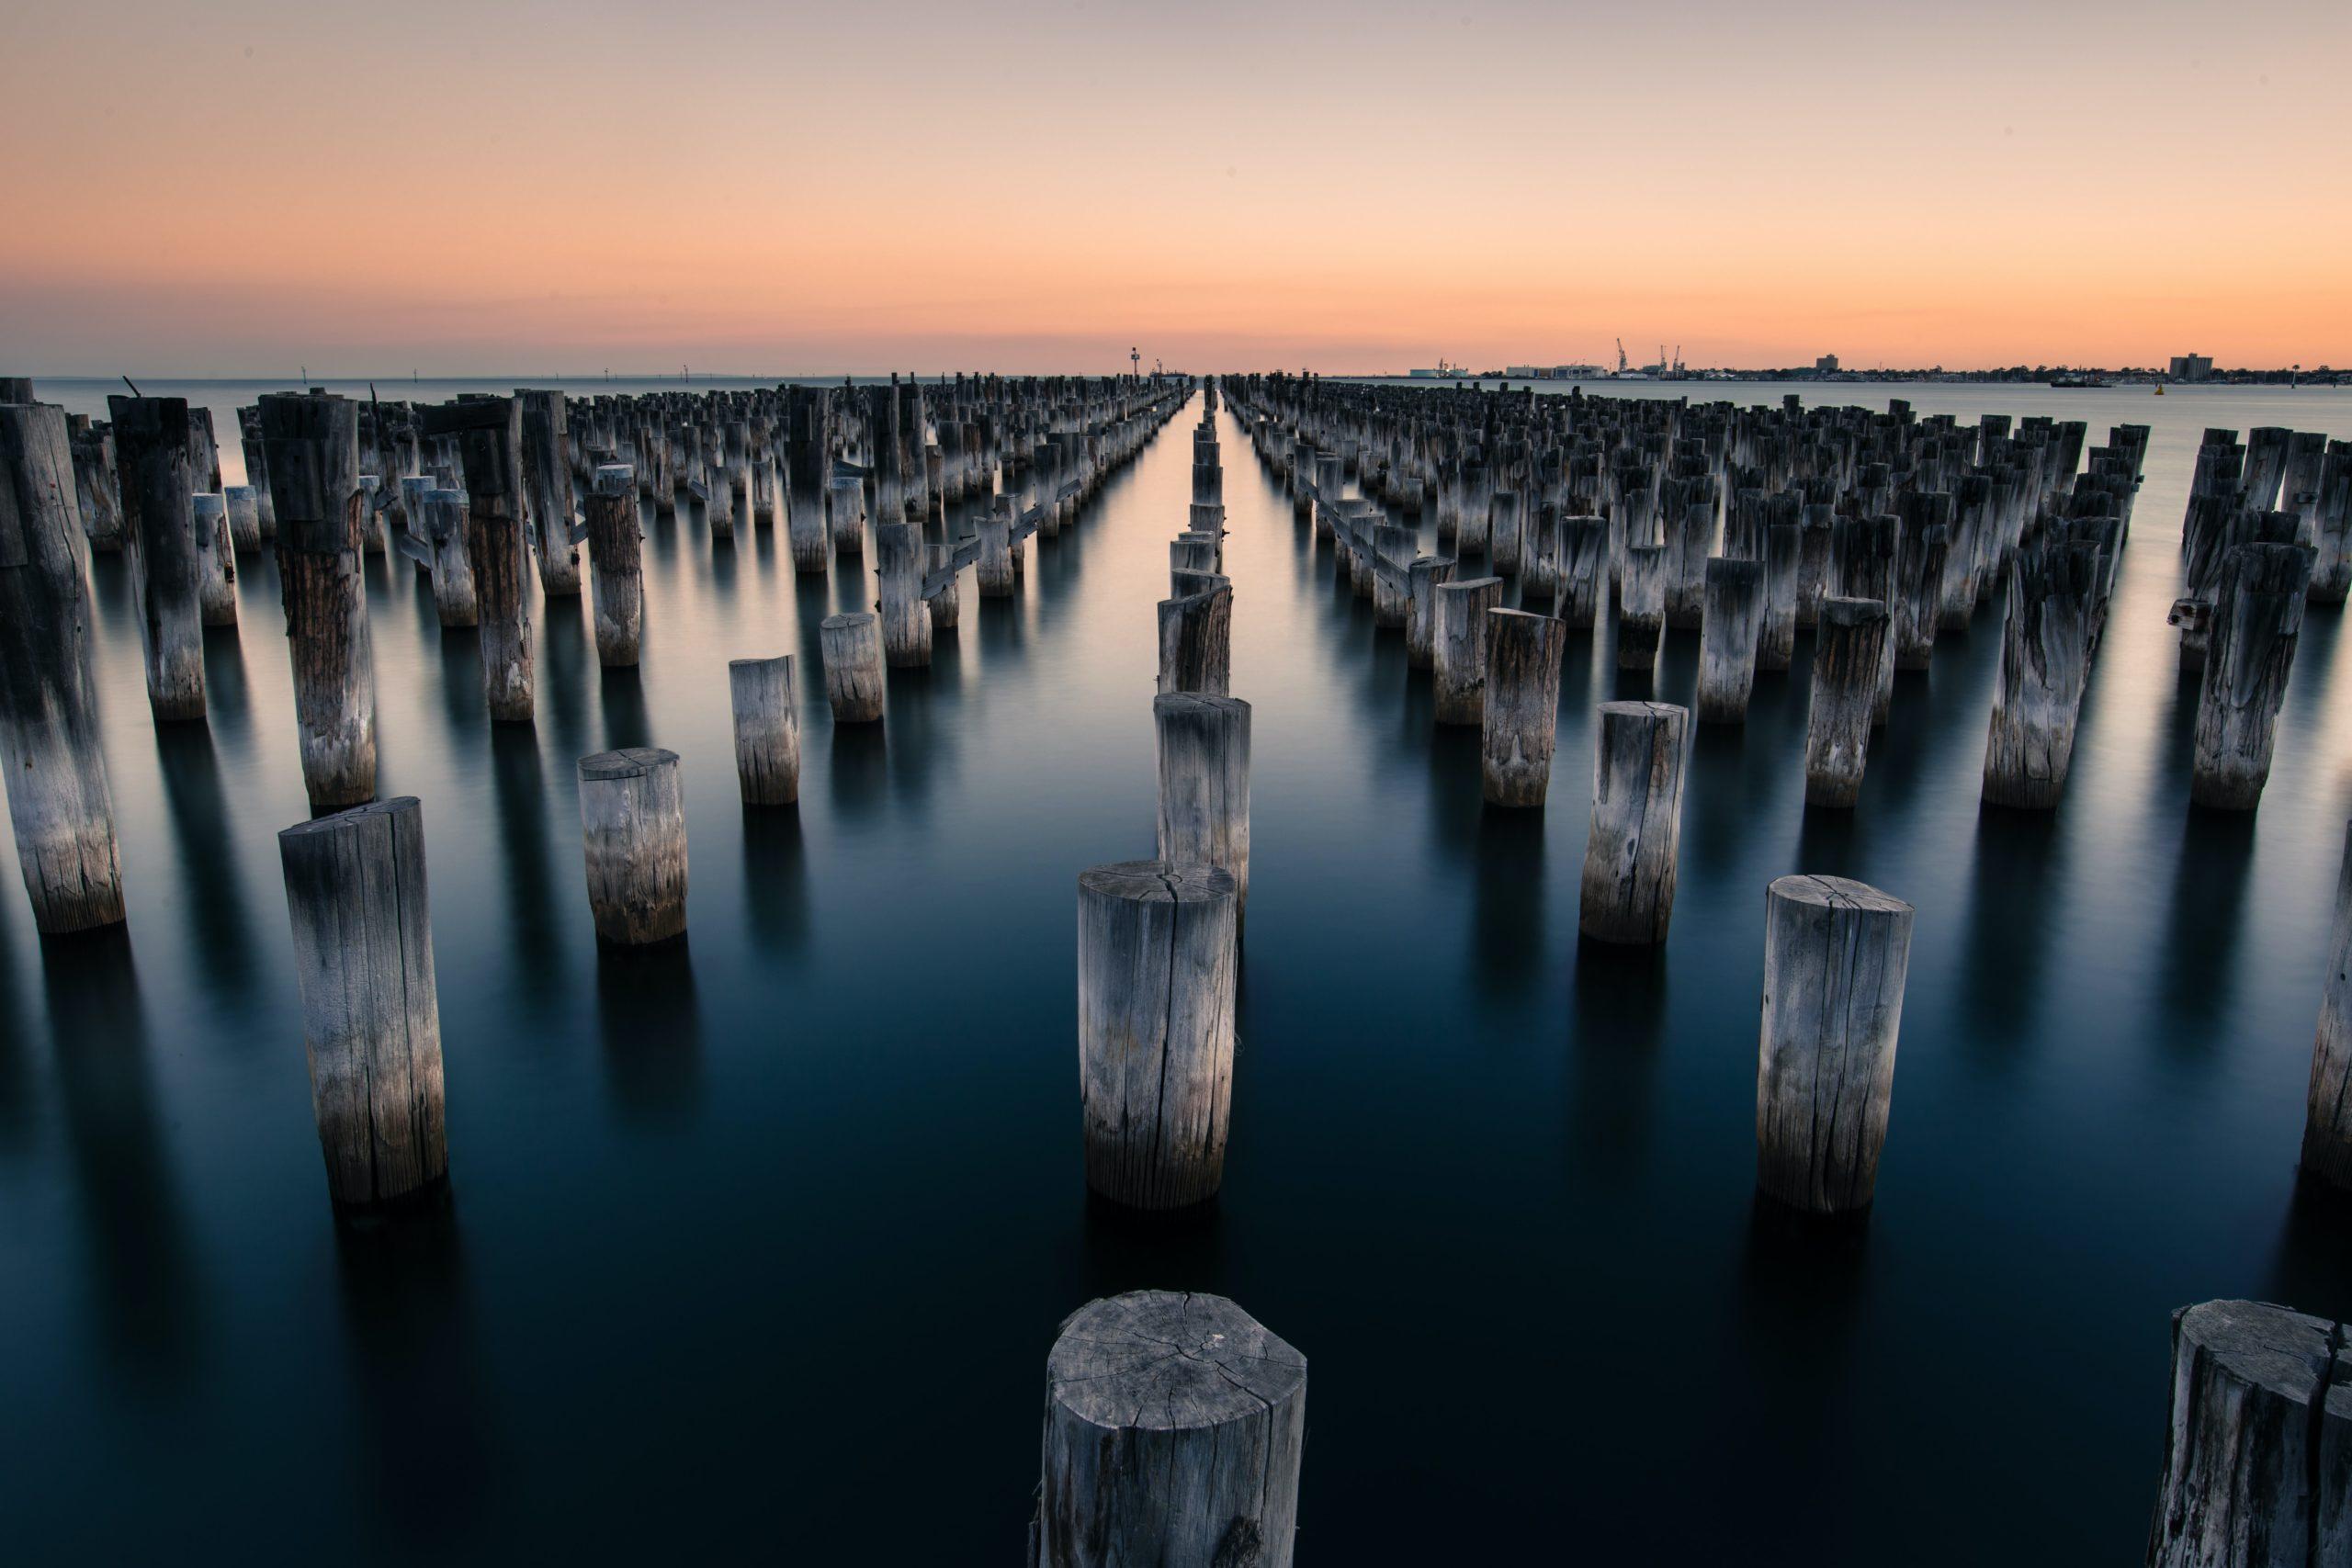 عجائب طبيعية رائعة يجب عليك رؤيتها في فيكتوريا ، أستراليا